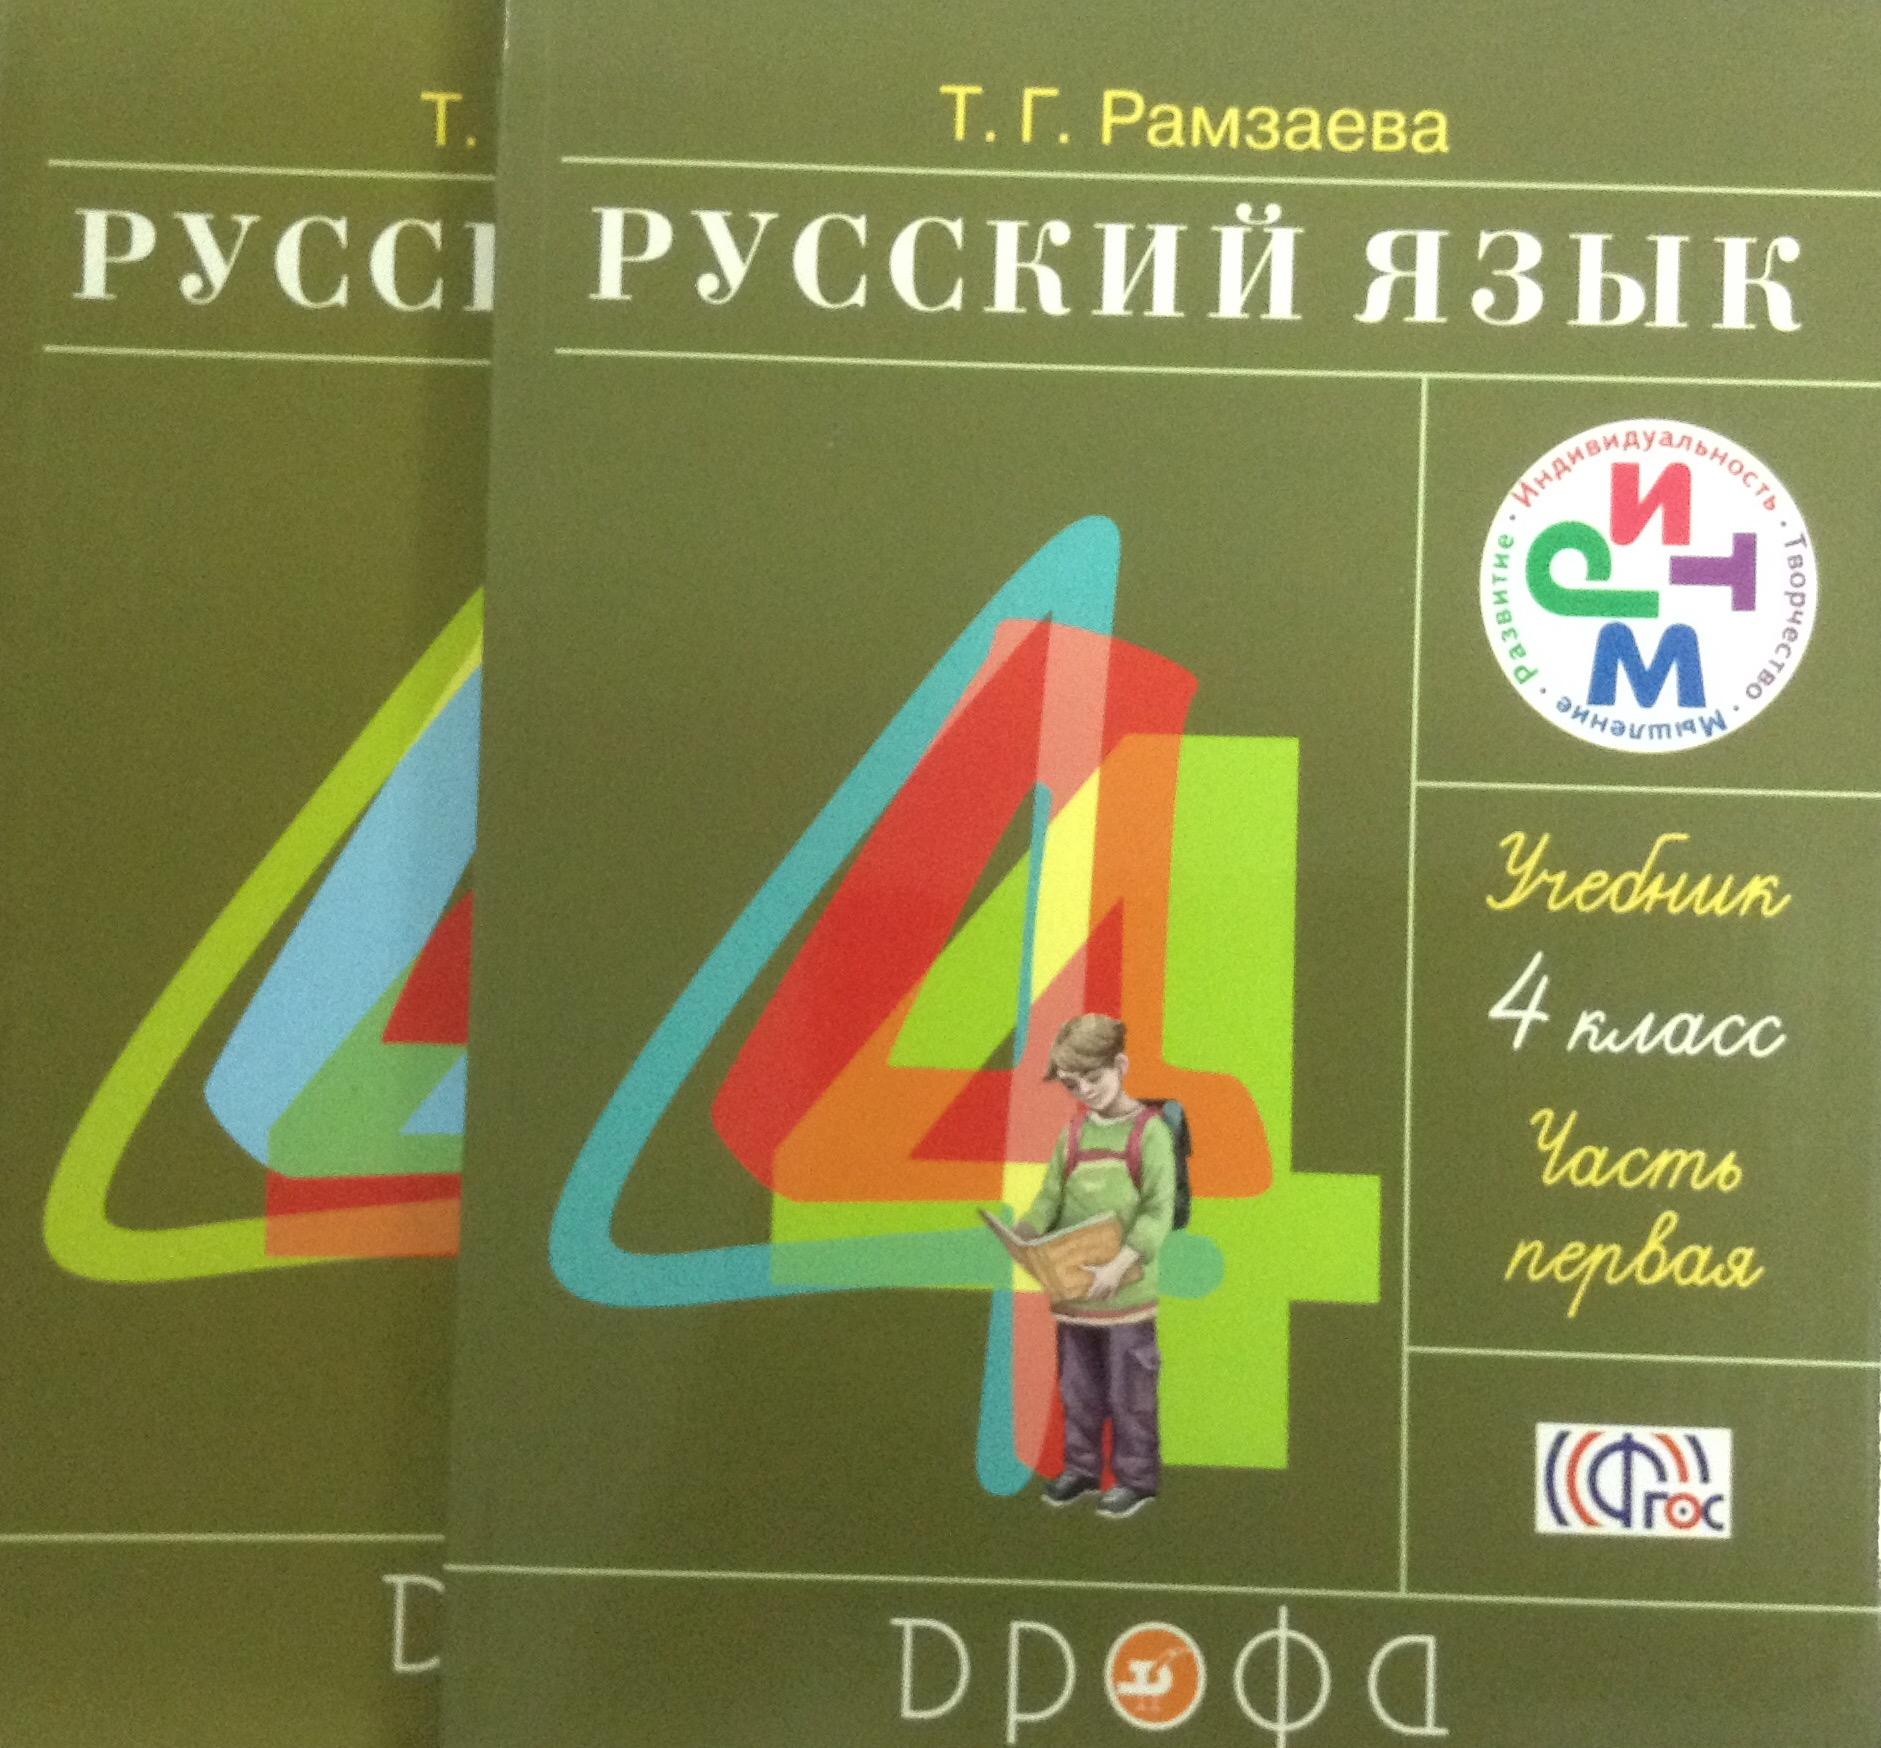 Русский Язык 3 Класс 2018 Гдз Т Г Рамзаева